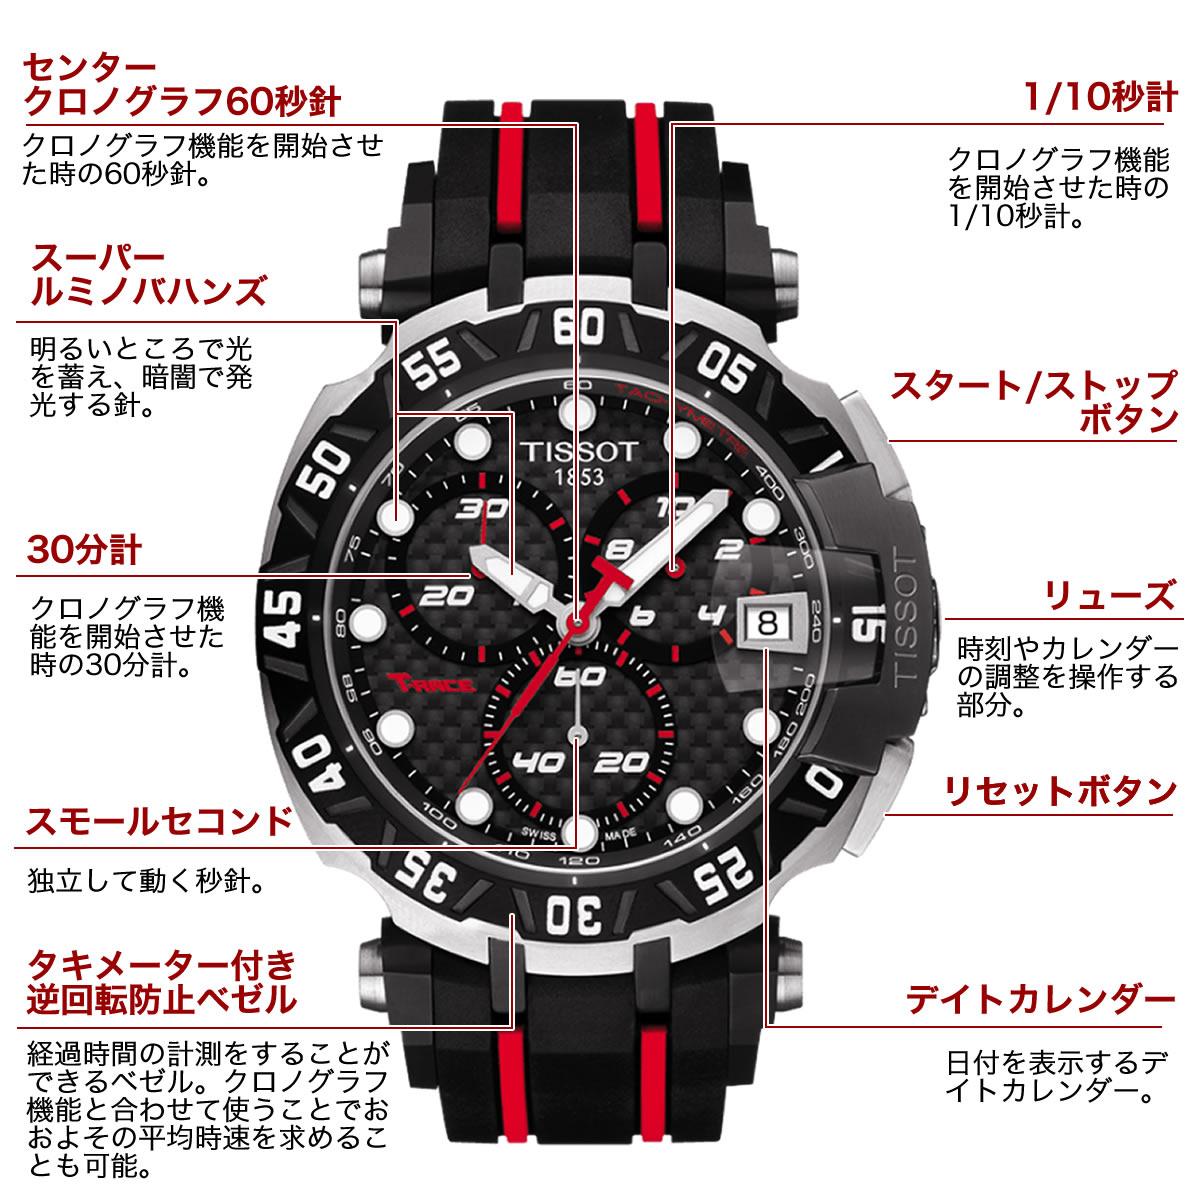 ティソ 男性用腕時計 t0924172720100 機能詳細